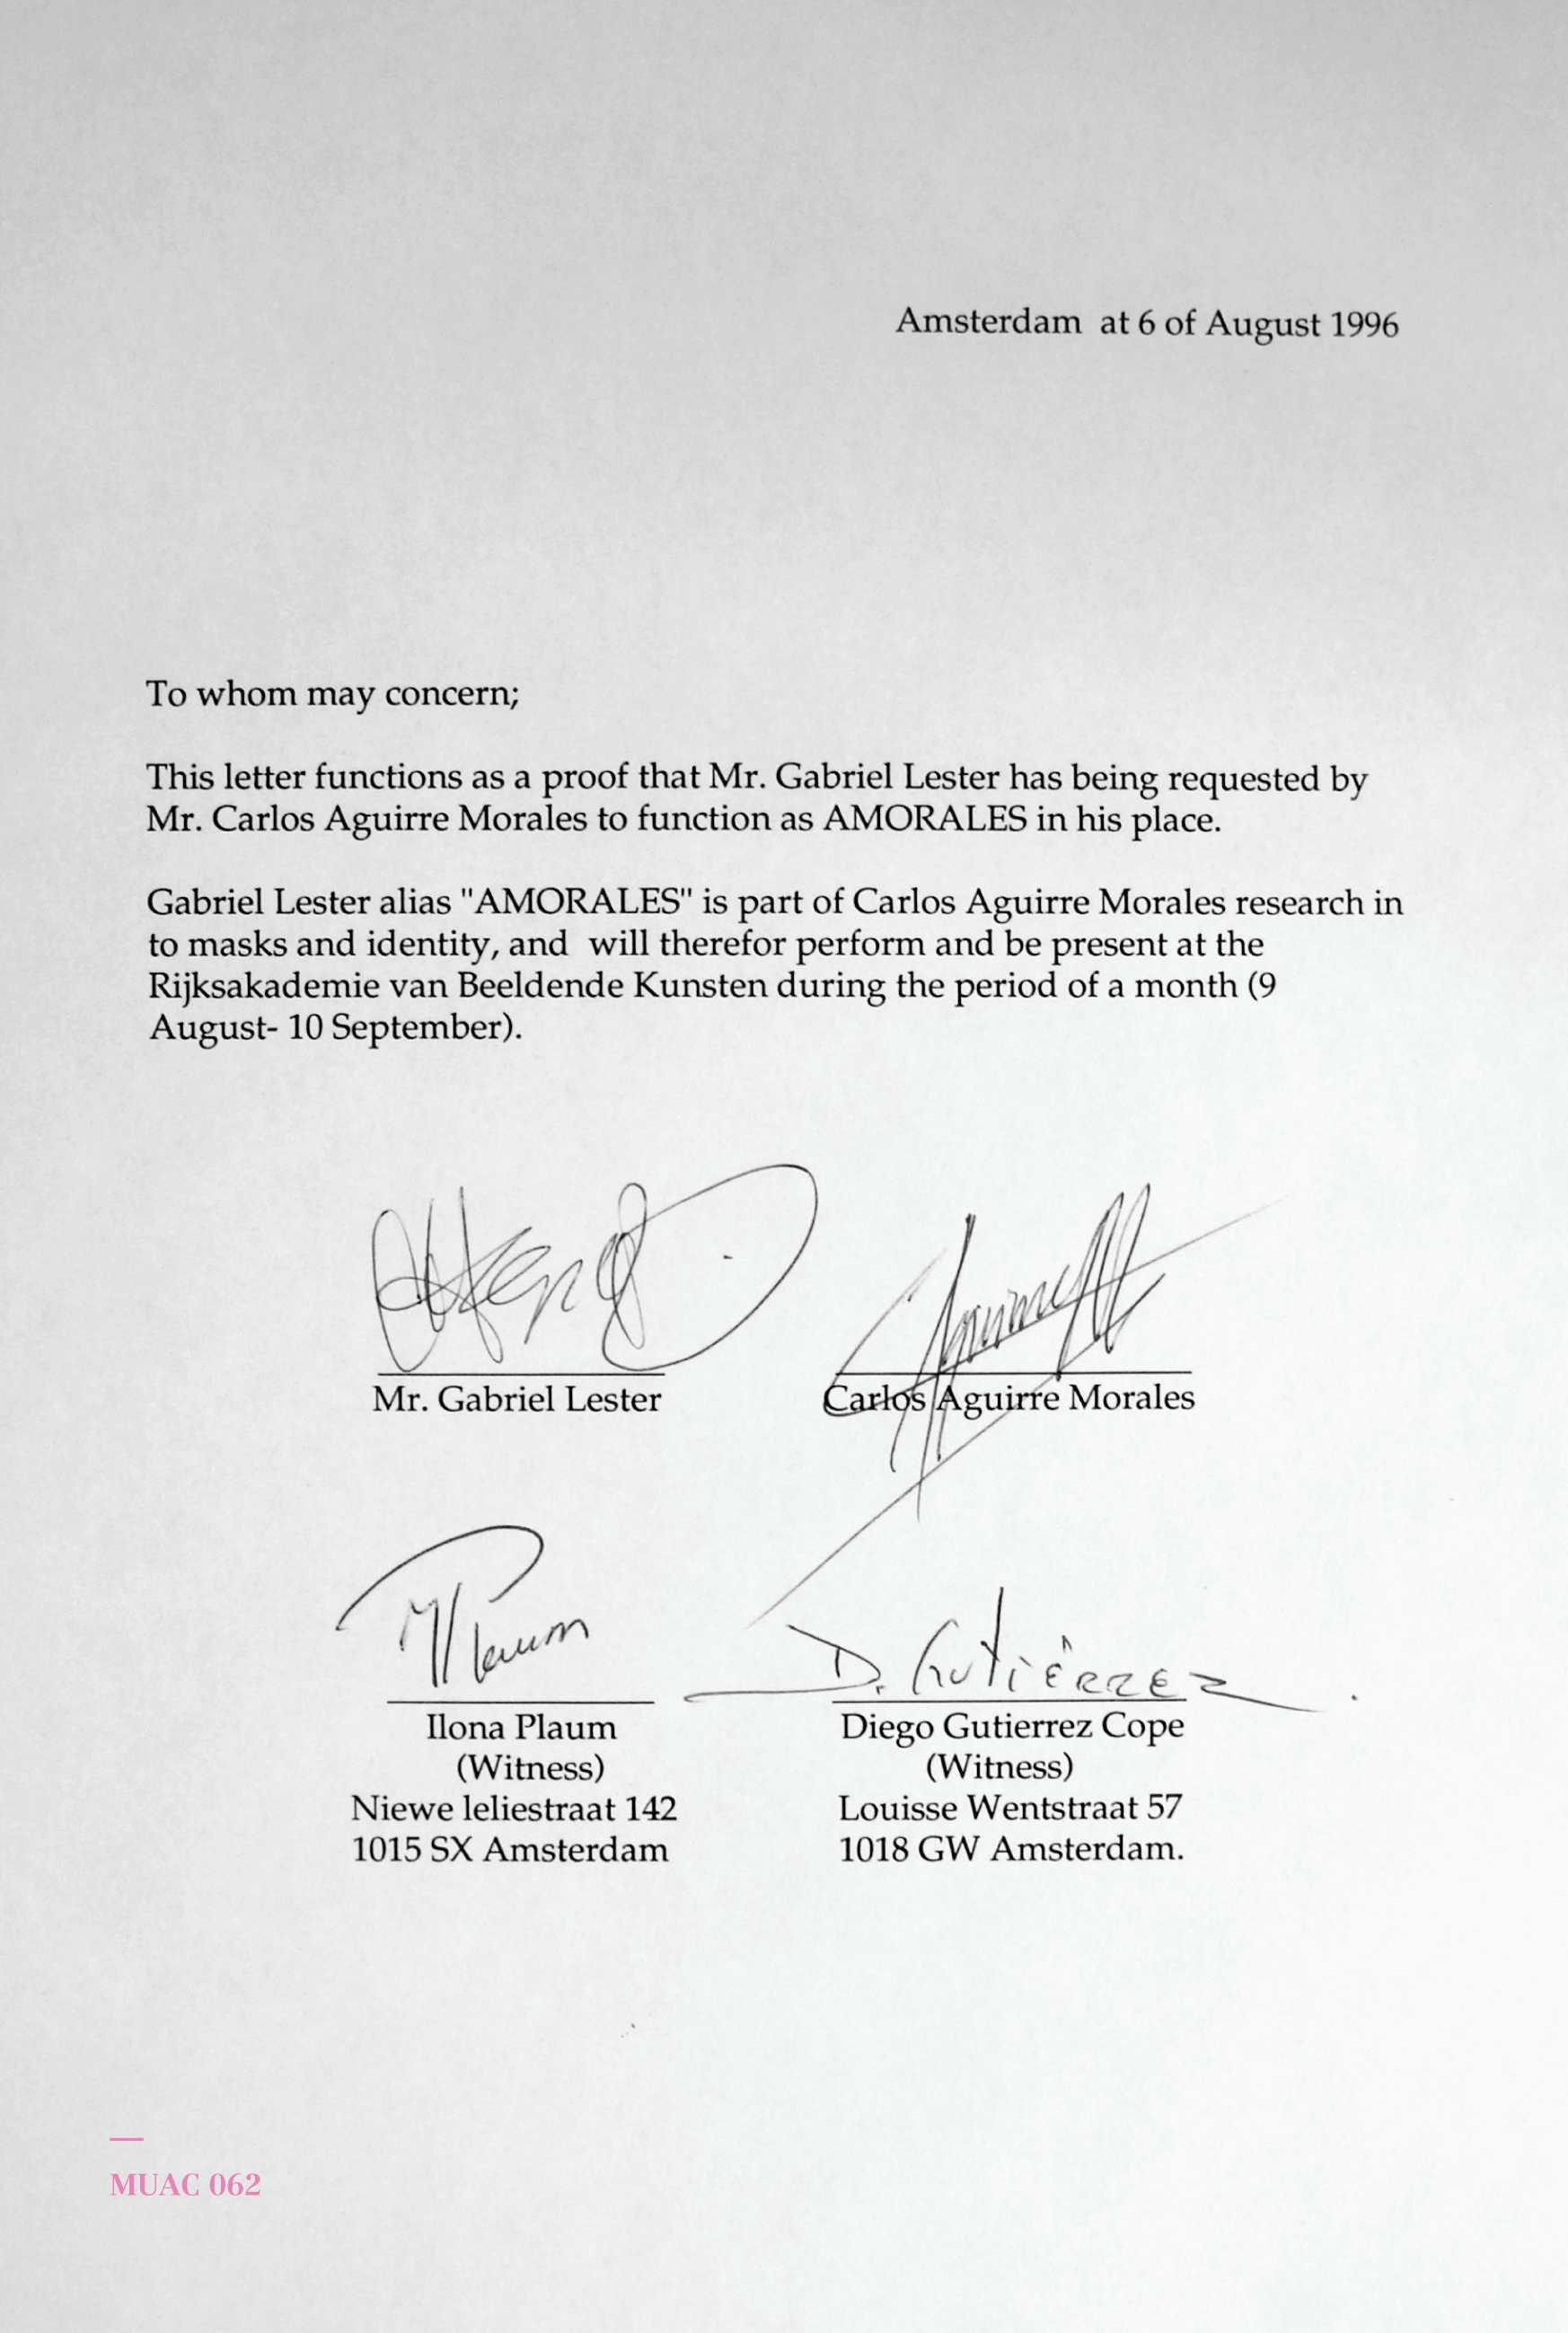 Carlos Amorales, Certificado de préstamo de identidad, 1996, papel A4 mecanografiado y tinta. Colección del artista y kurimanzutto